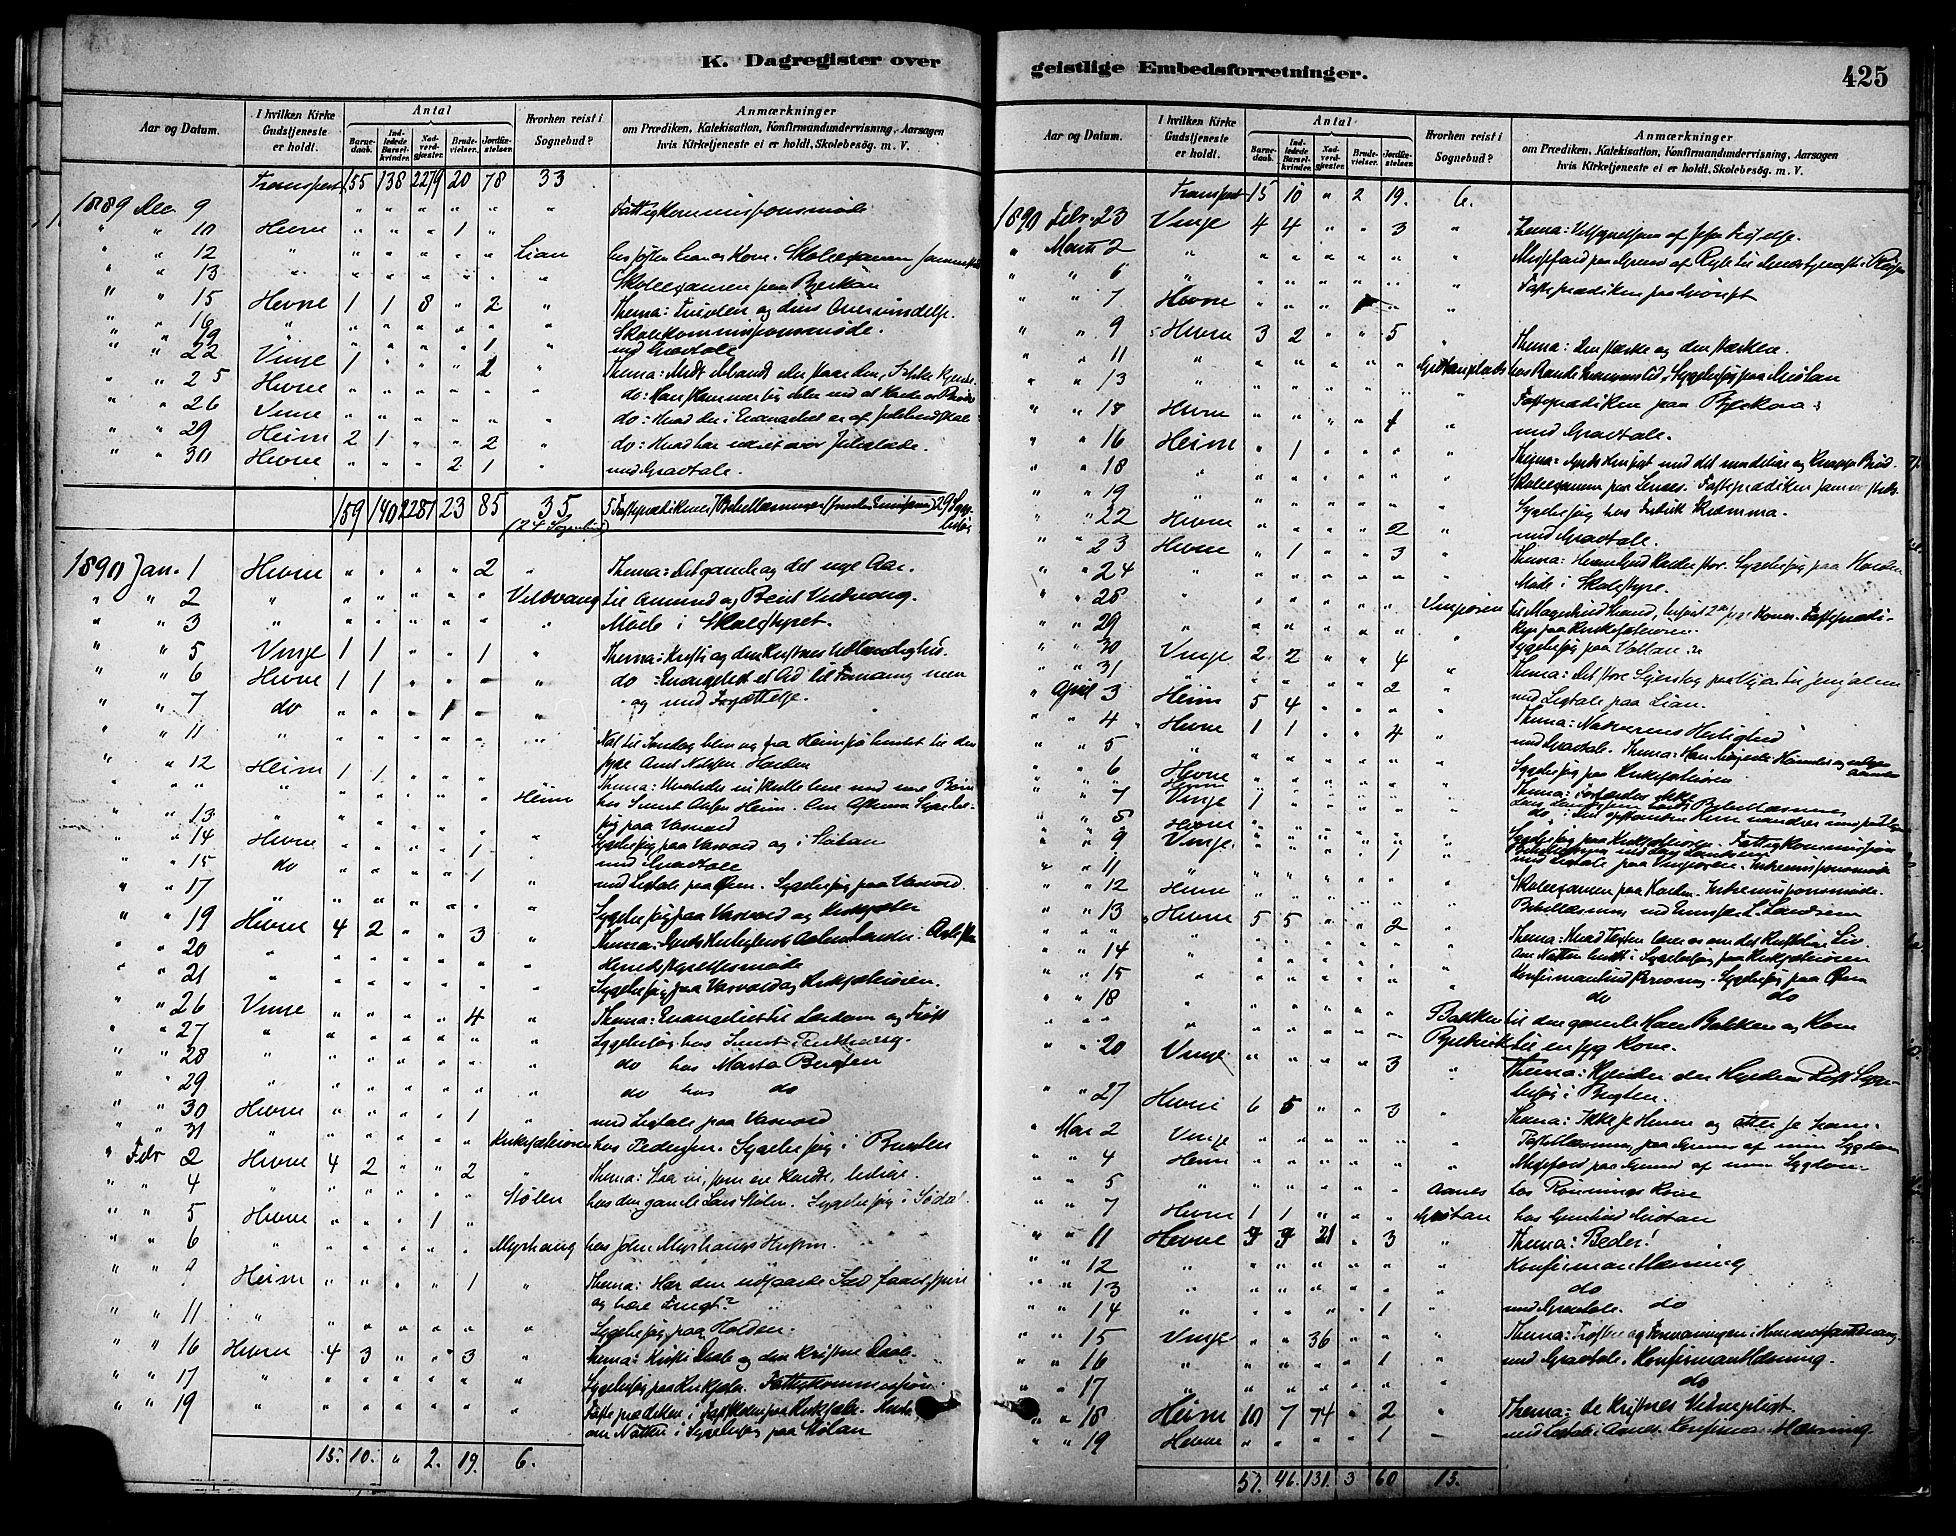 SAT, Ministerialprotokoller, klokkerbøker og fødselsregistre - Sør-Trøndelag, 630/L0496: Ministerialbok nr. 630A09, 1879-1895, s. 425